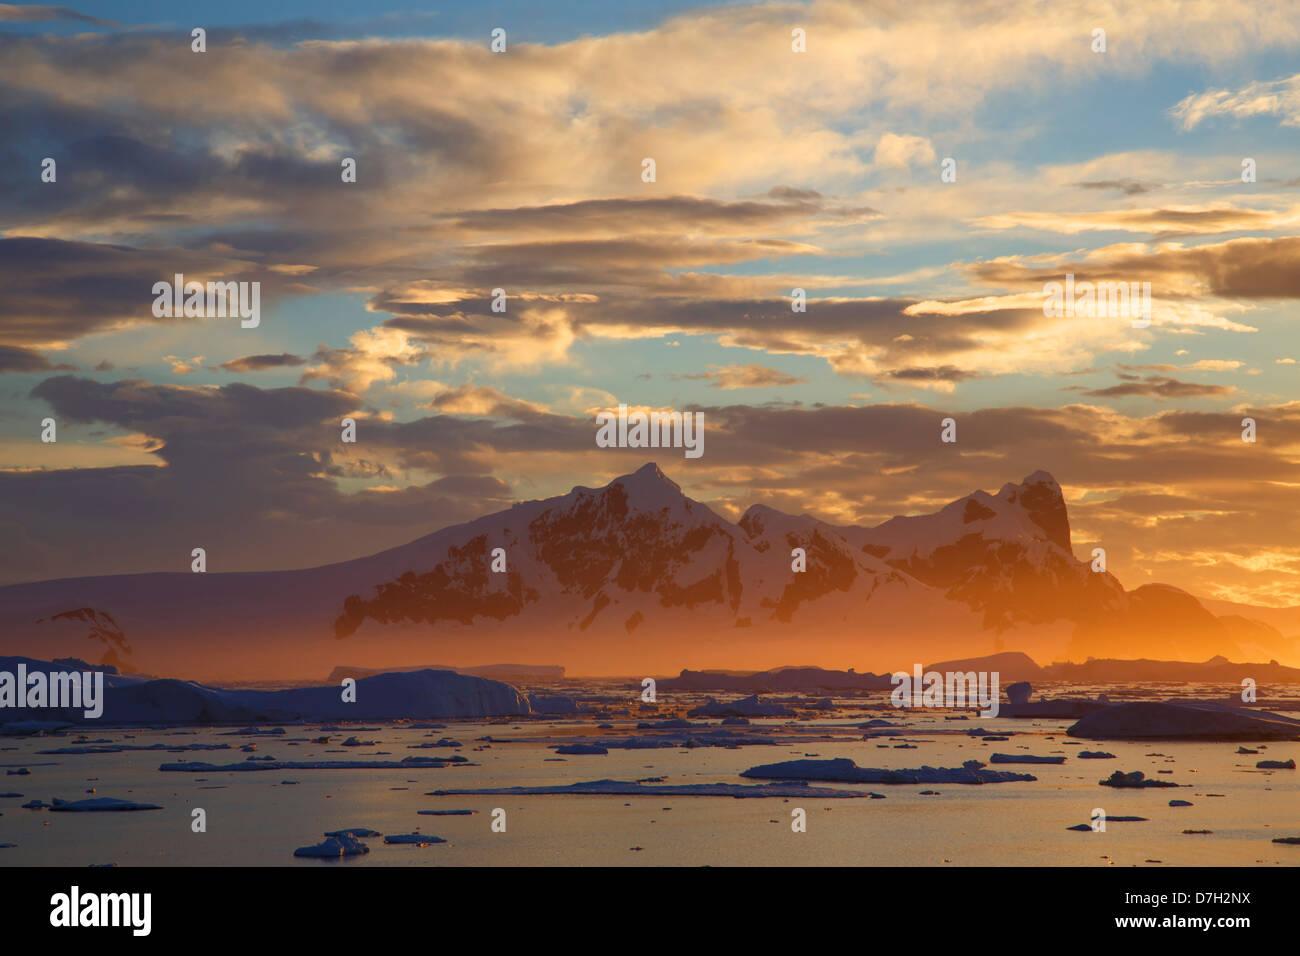 Atardecer / amanecer mientras viajamos por debajo del Círculo Antártico, la Antártida. Imagen De Stock